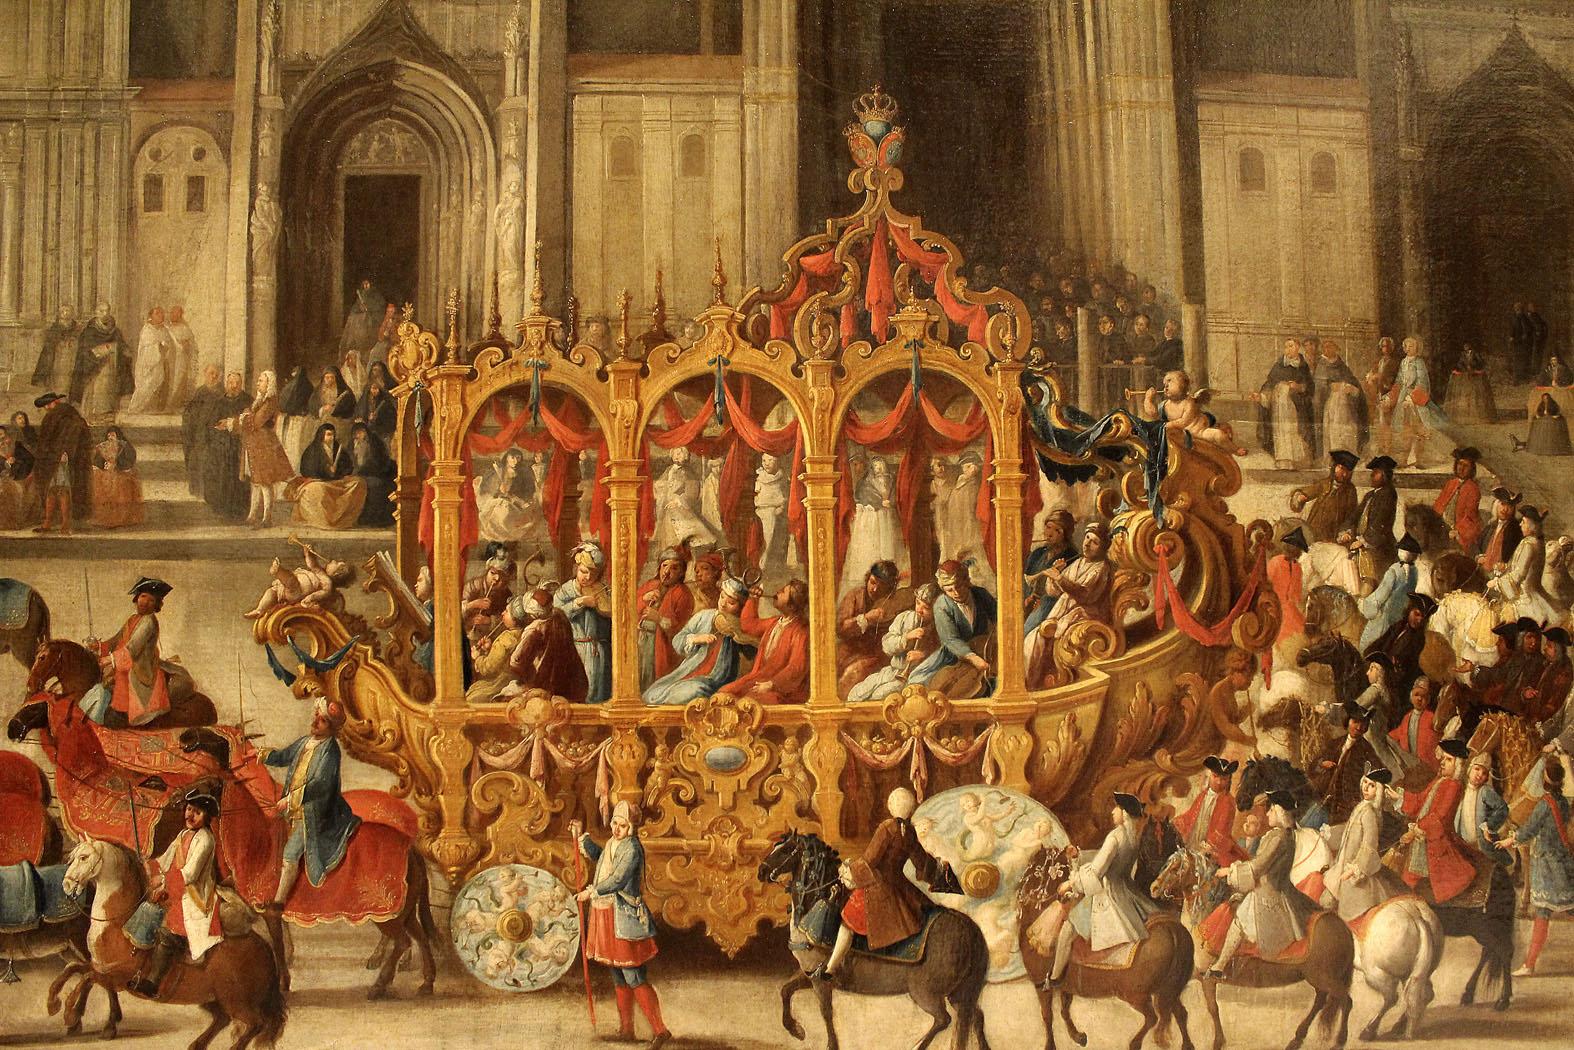 Domingo Martinez. Carro del Pregón de la Máscara. Hacia 1748. Museo Bellas Artes. Sevilla.